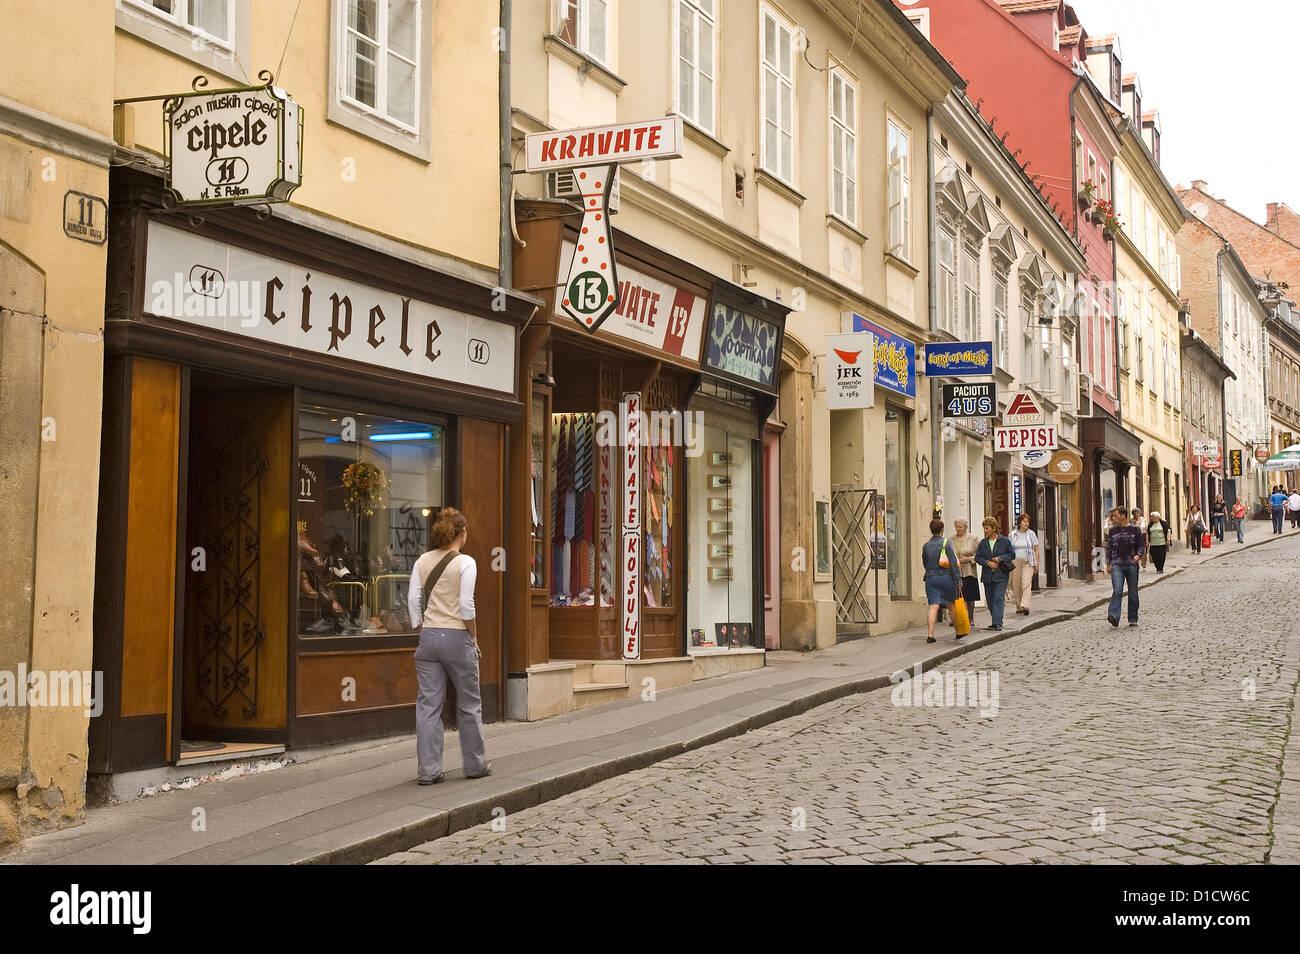 Elk192-1099 Croatia, Zagreb, Opatovina, pedestrian street - Stock Image